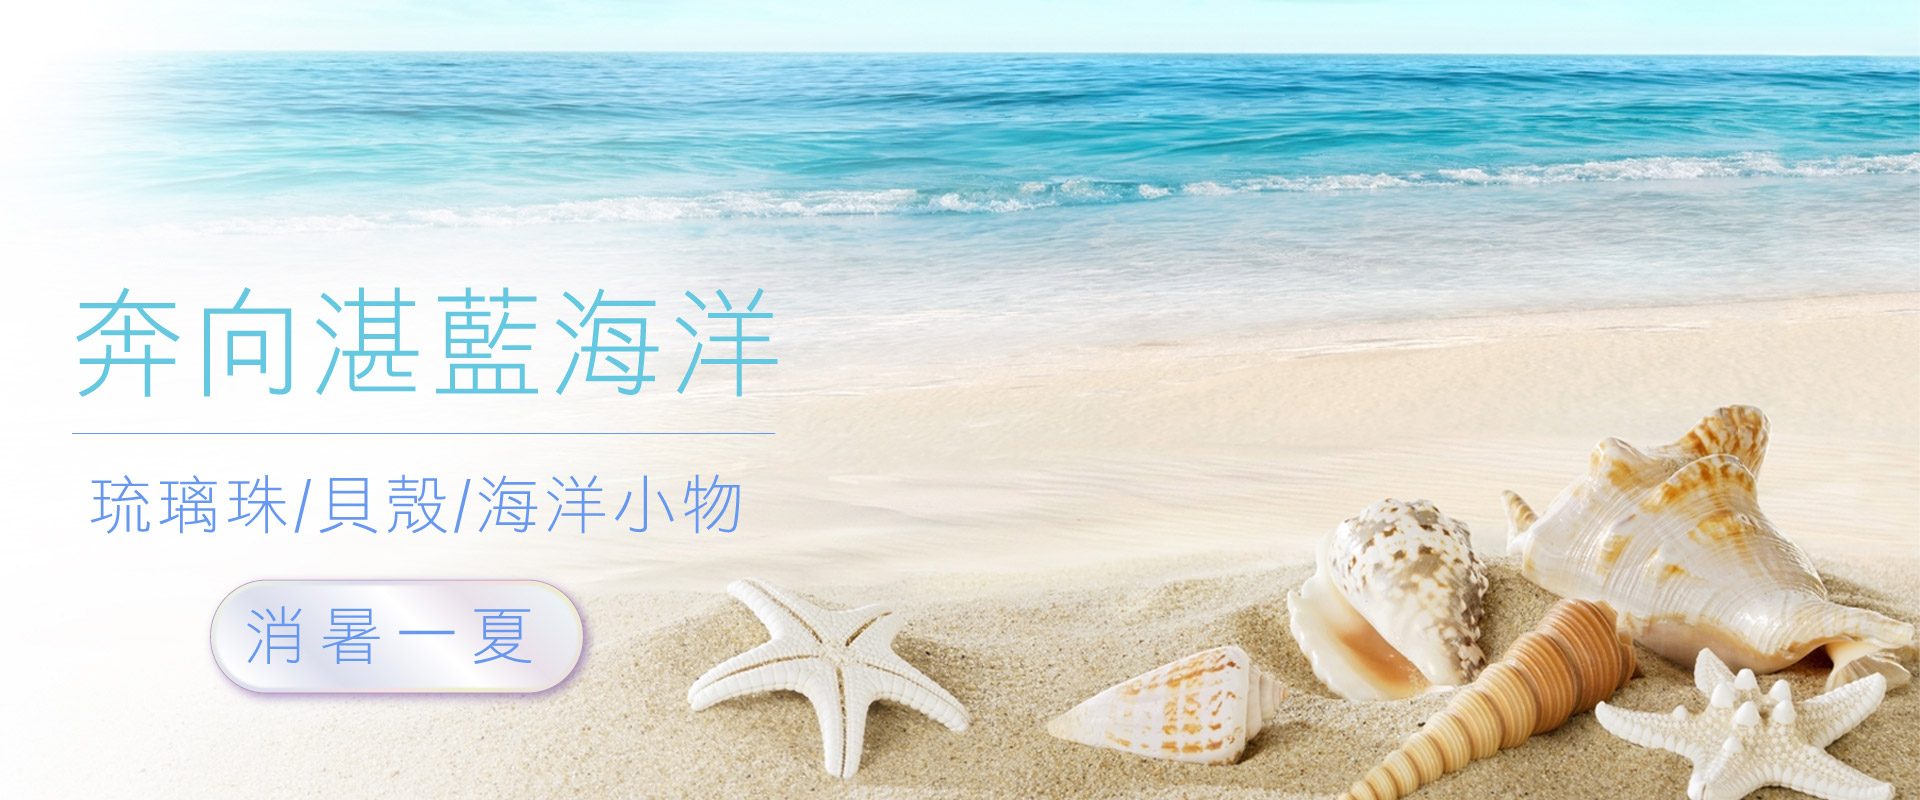 7.海洋系列